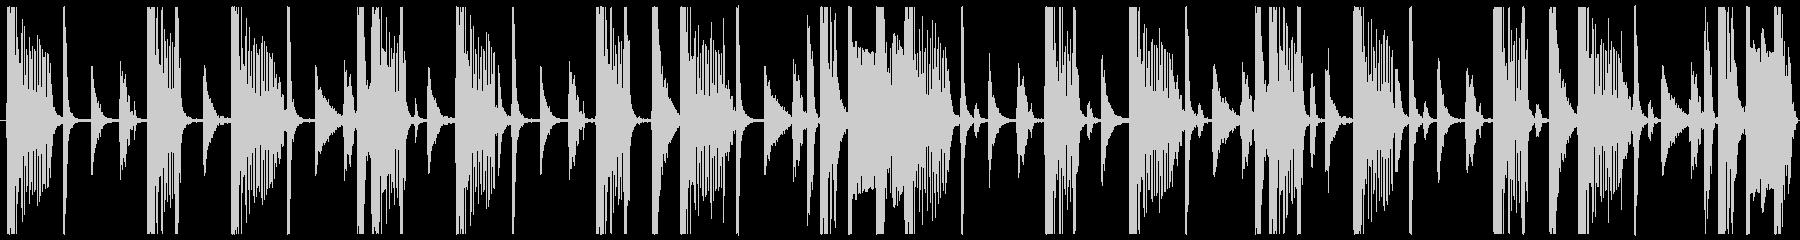 8小節 beat BPM90の未再生の波形